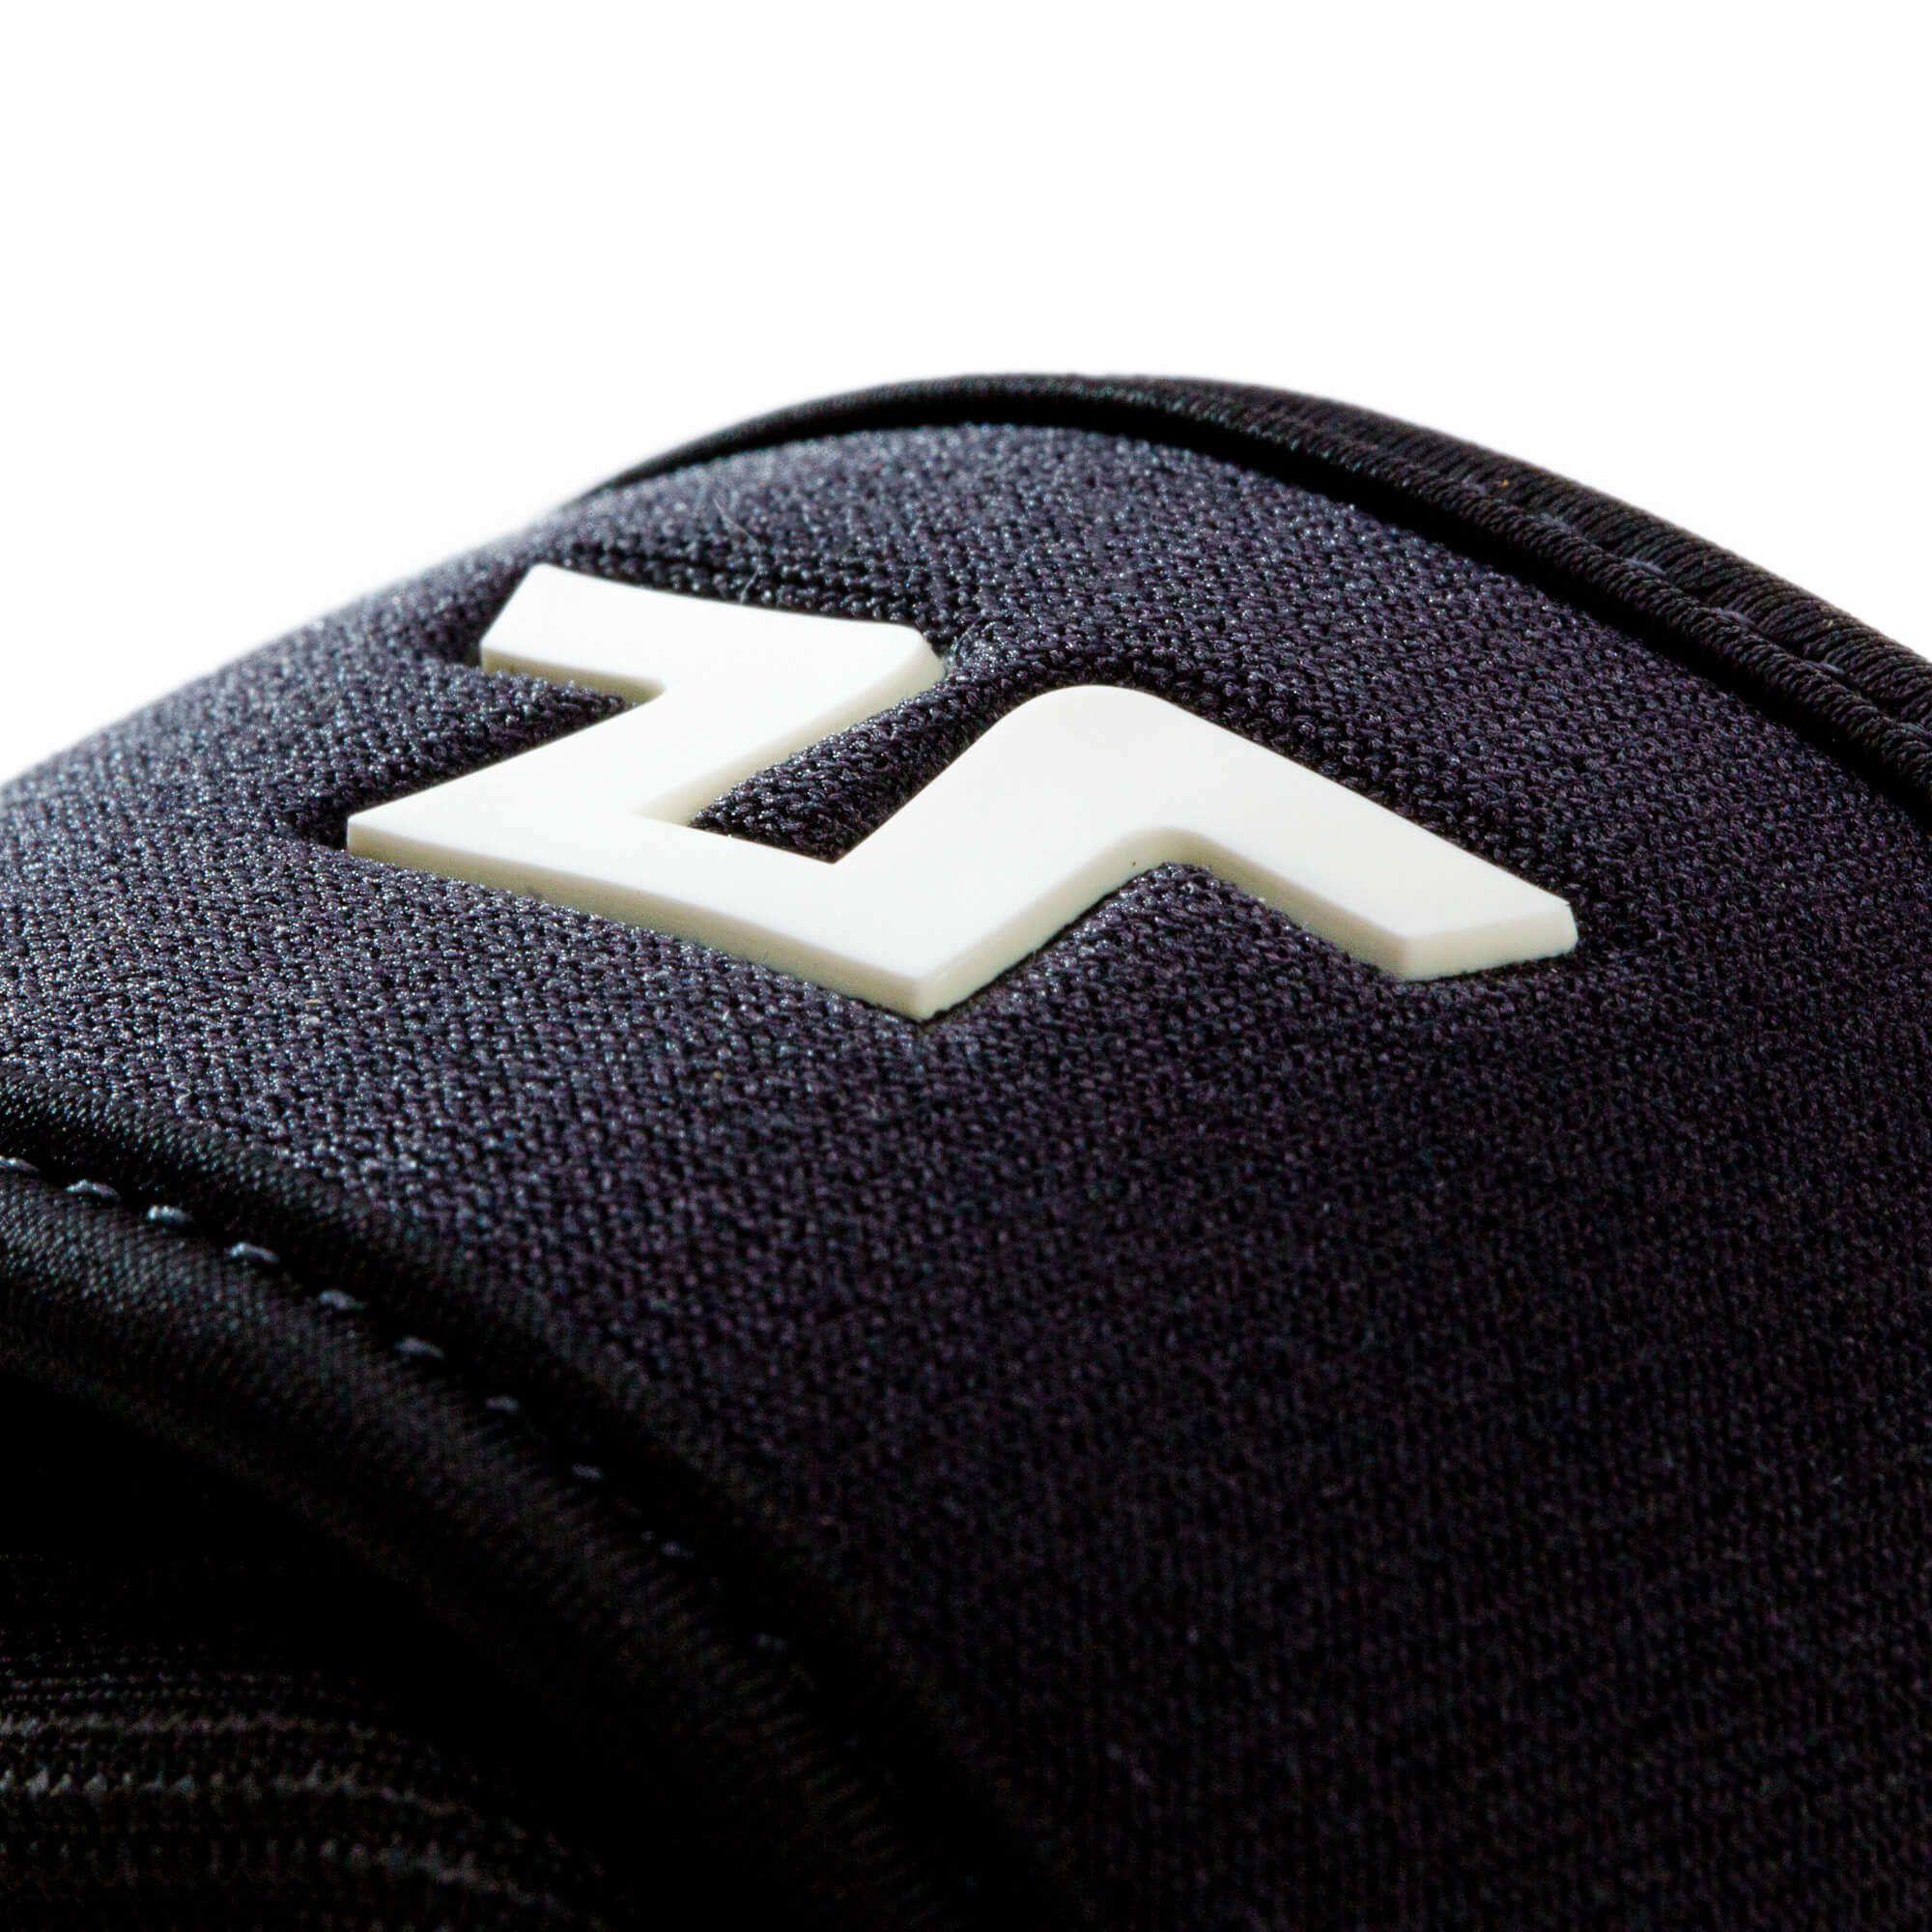 Tusah - Guantini per Taekwondo Omologati WT per allenamenti e competizioni guanti